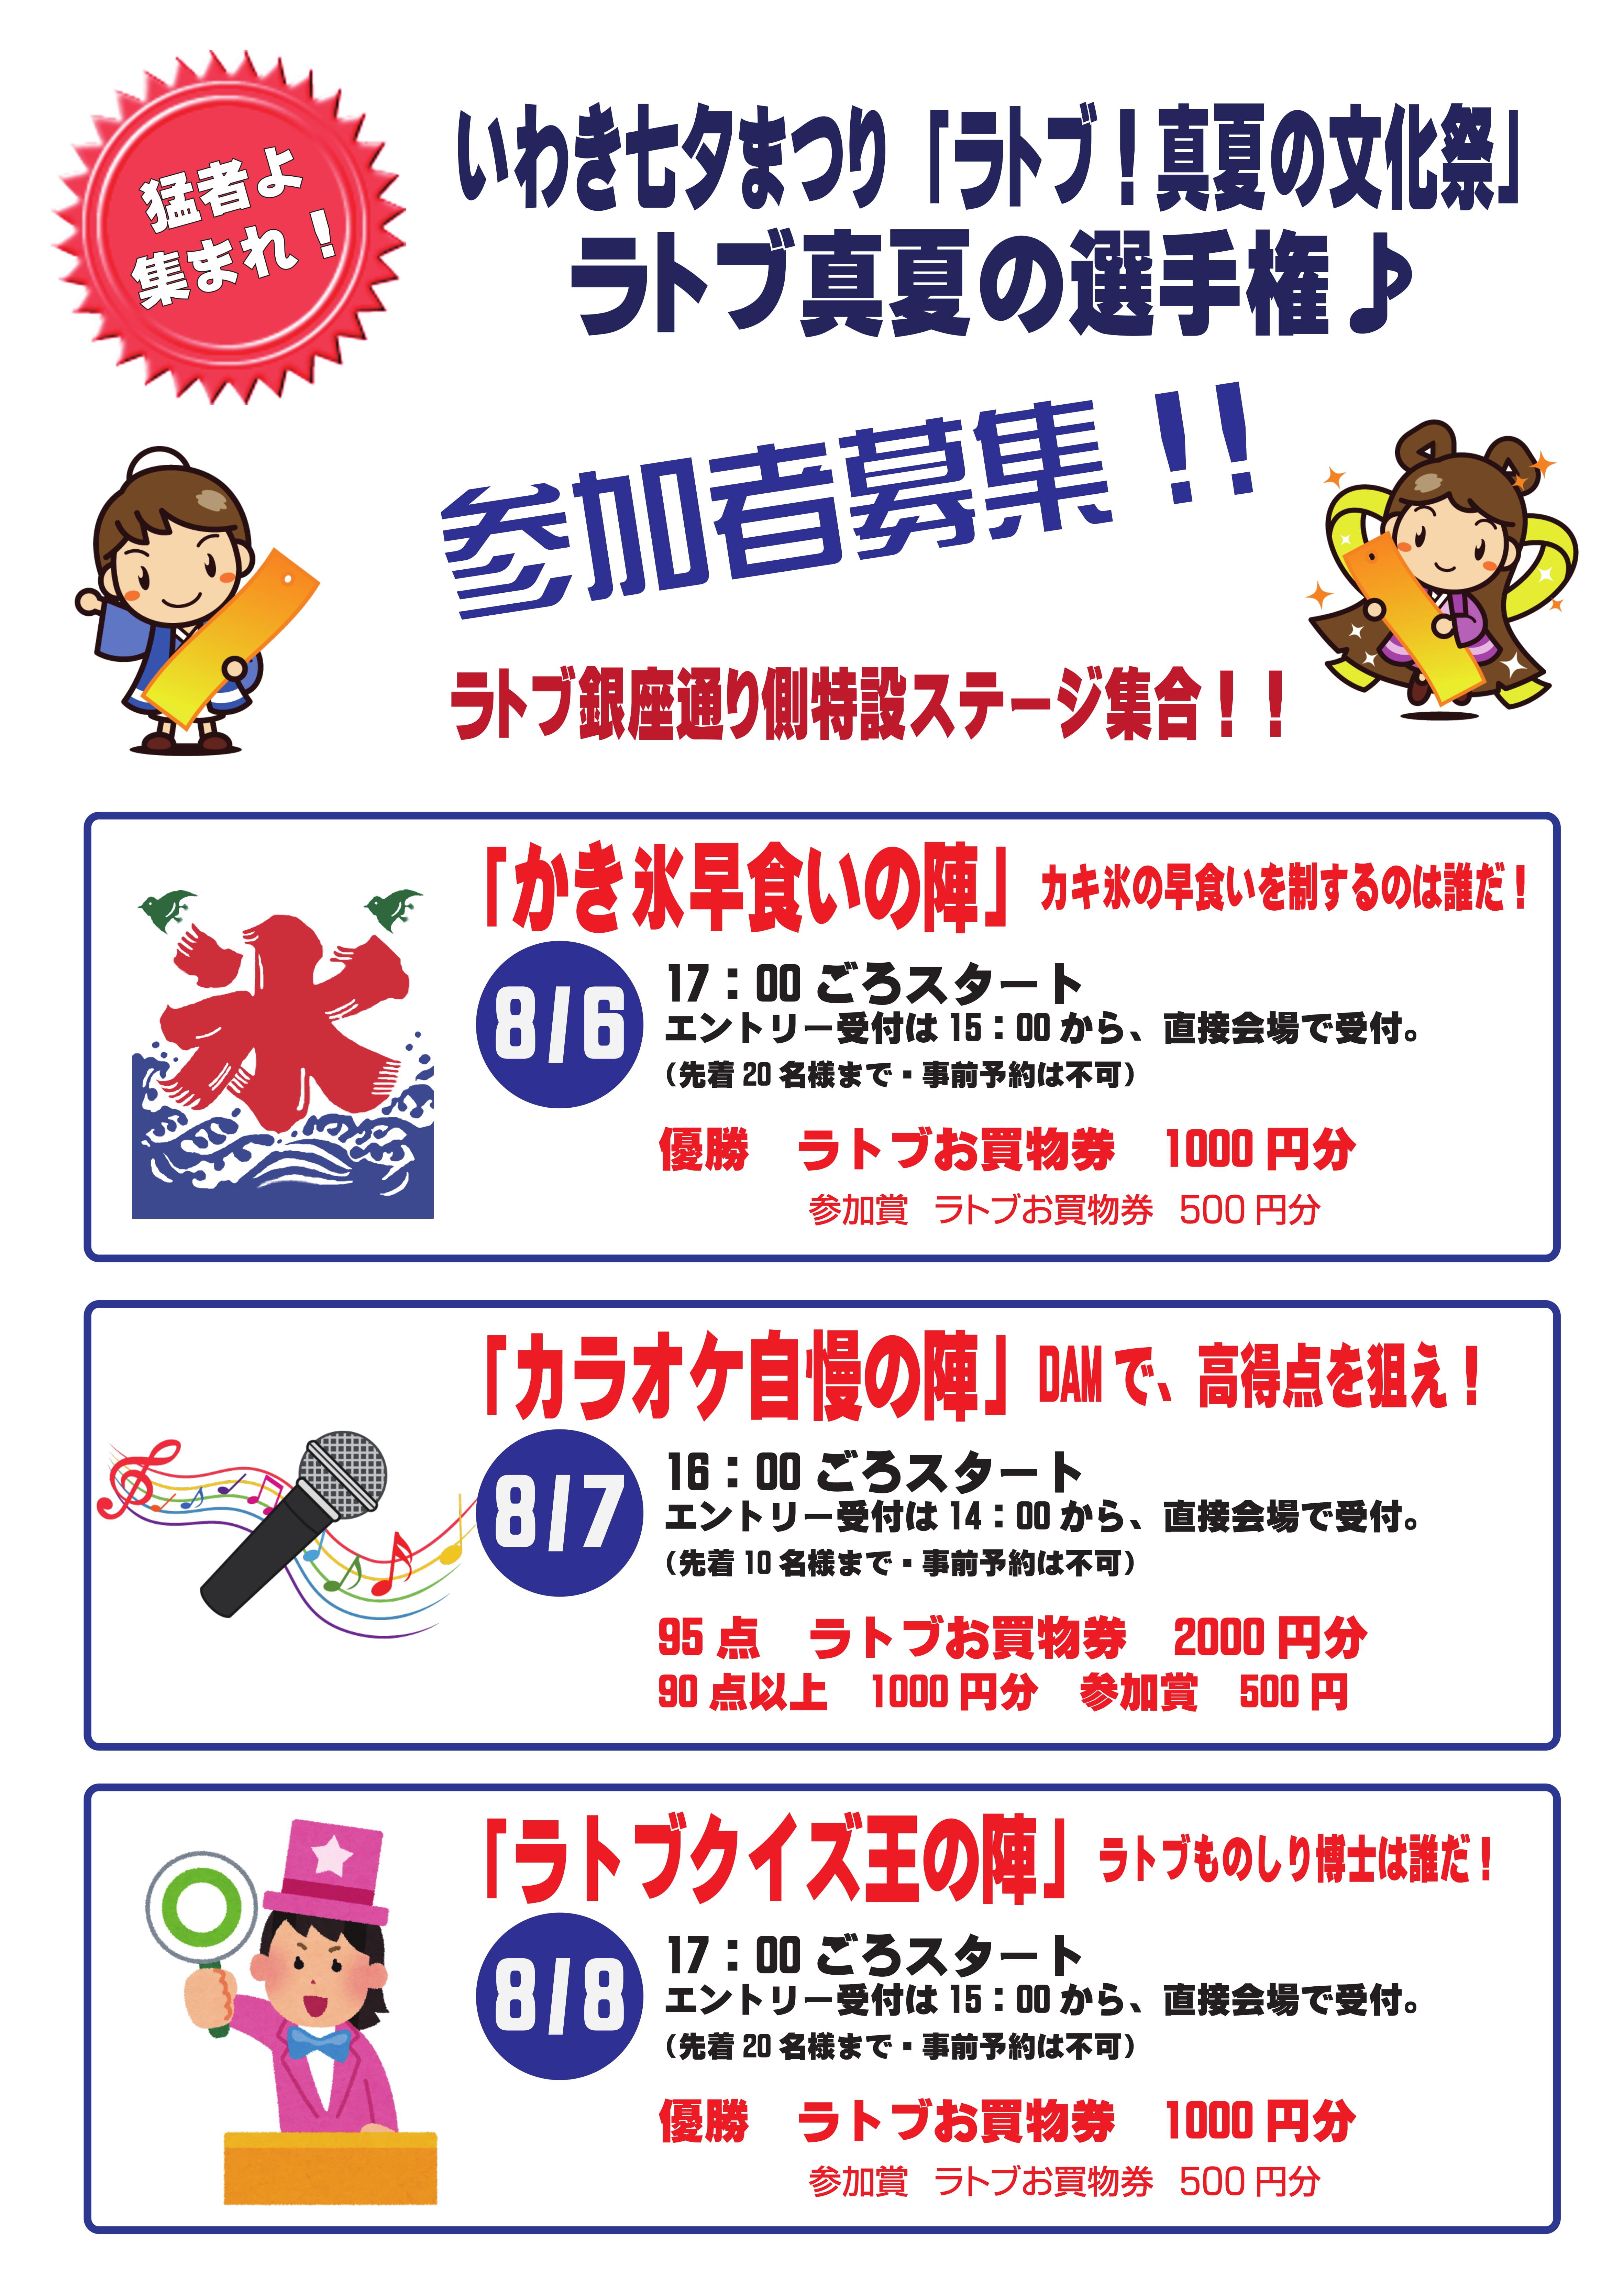 ラトブ真夏の文化祭内「ラトブ真夏の選手権」参加者募集!【8月6日~8日】